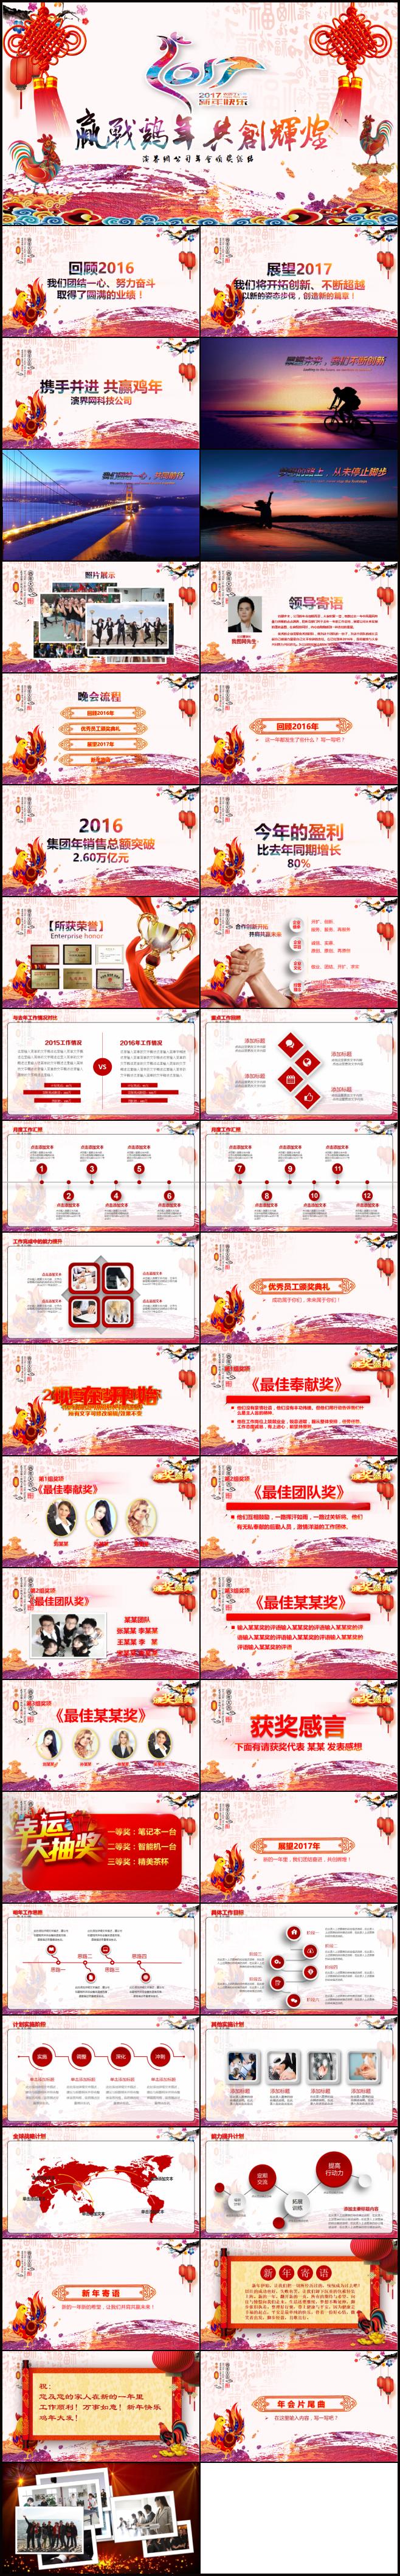 """ppt模板炫彩扁平企业年会颁奖盛典ppt模板2017赢战"""""""